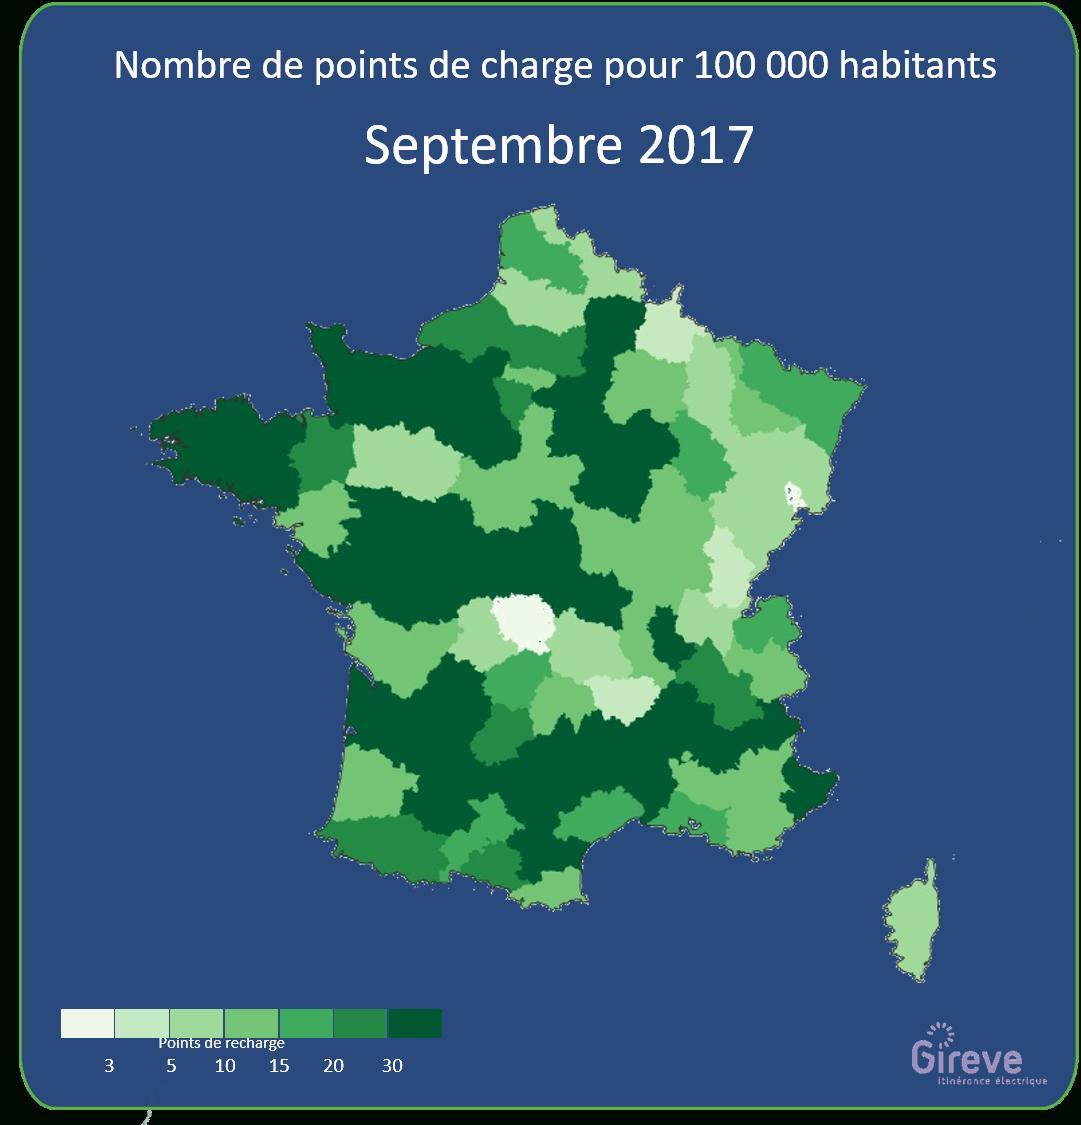 La France Passe Le Cap Des 20 000 Bornes De Recharge Pour à Nombre De Régions En France 2017